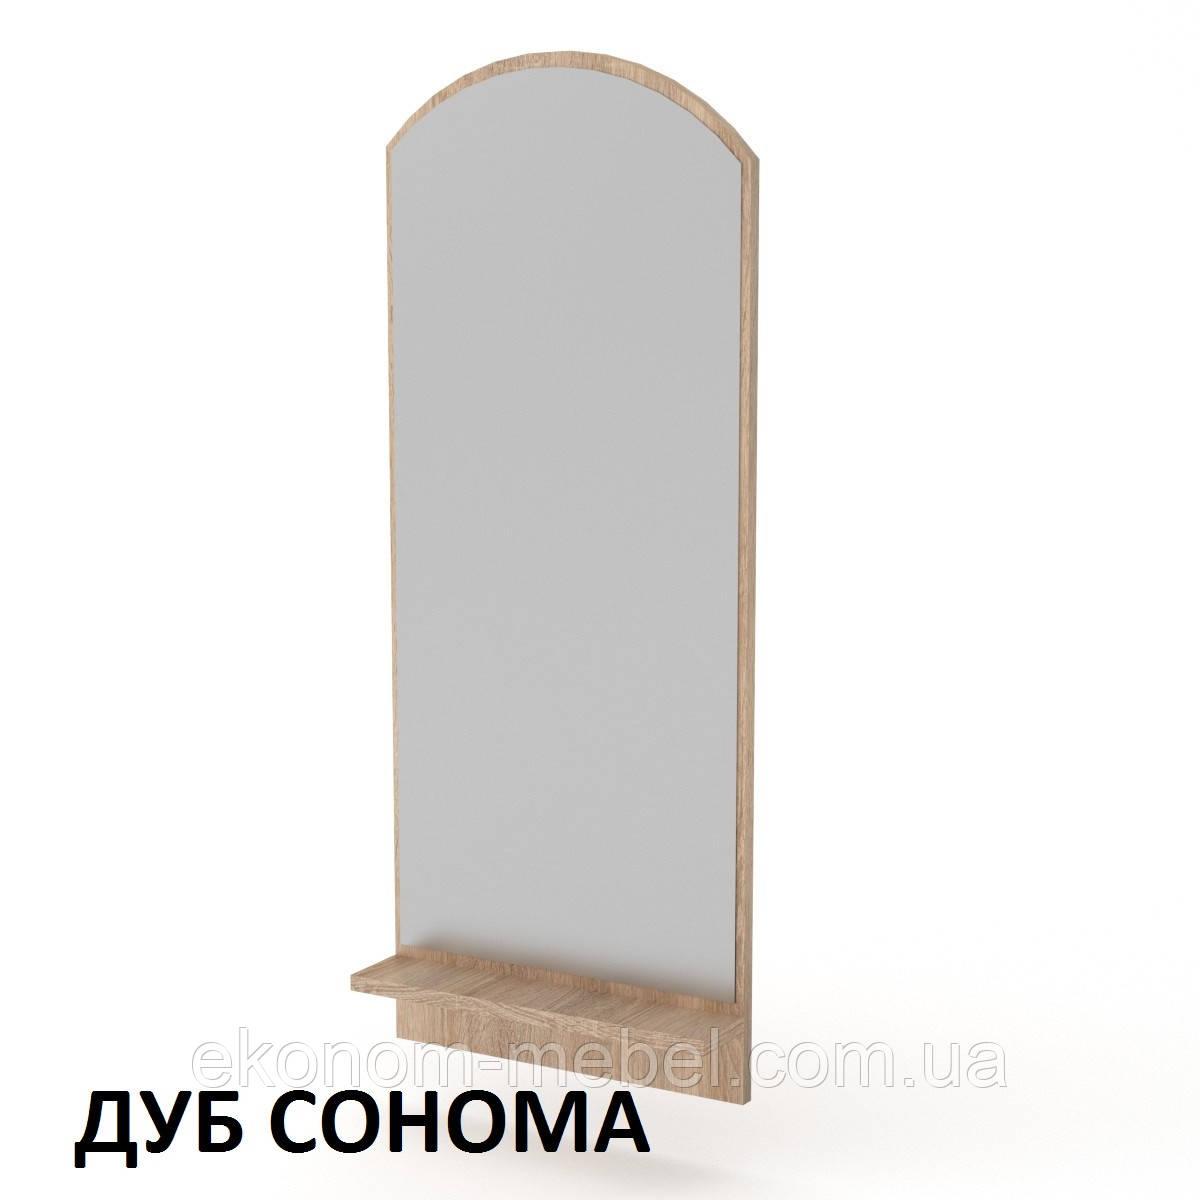 Зеркало-3 для прихожей с полочкой